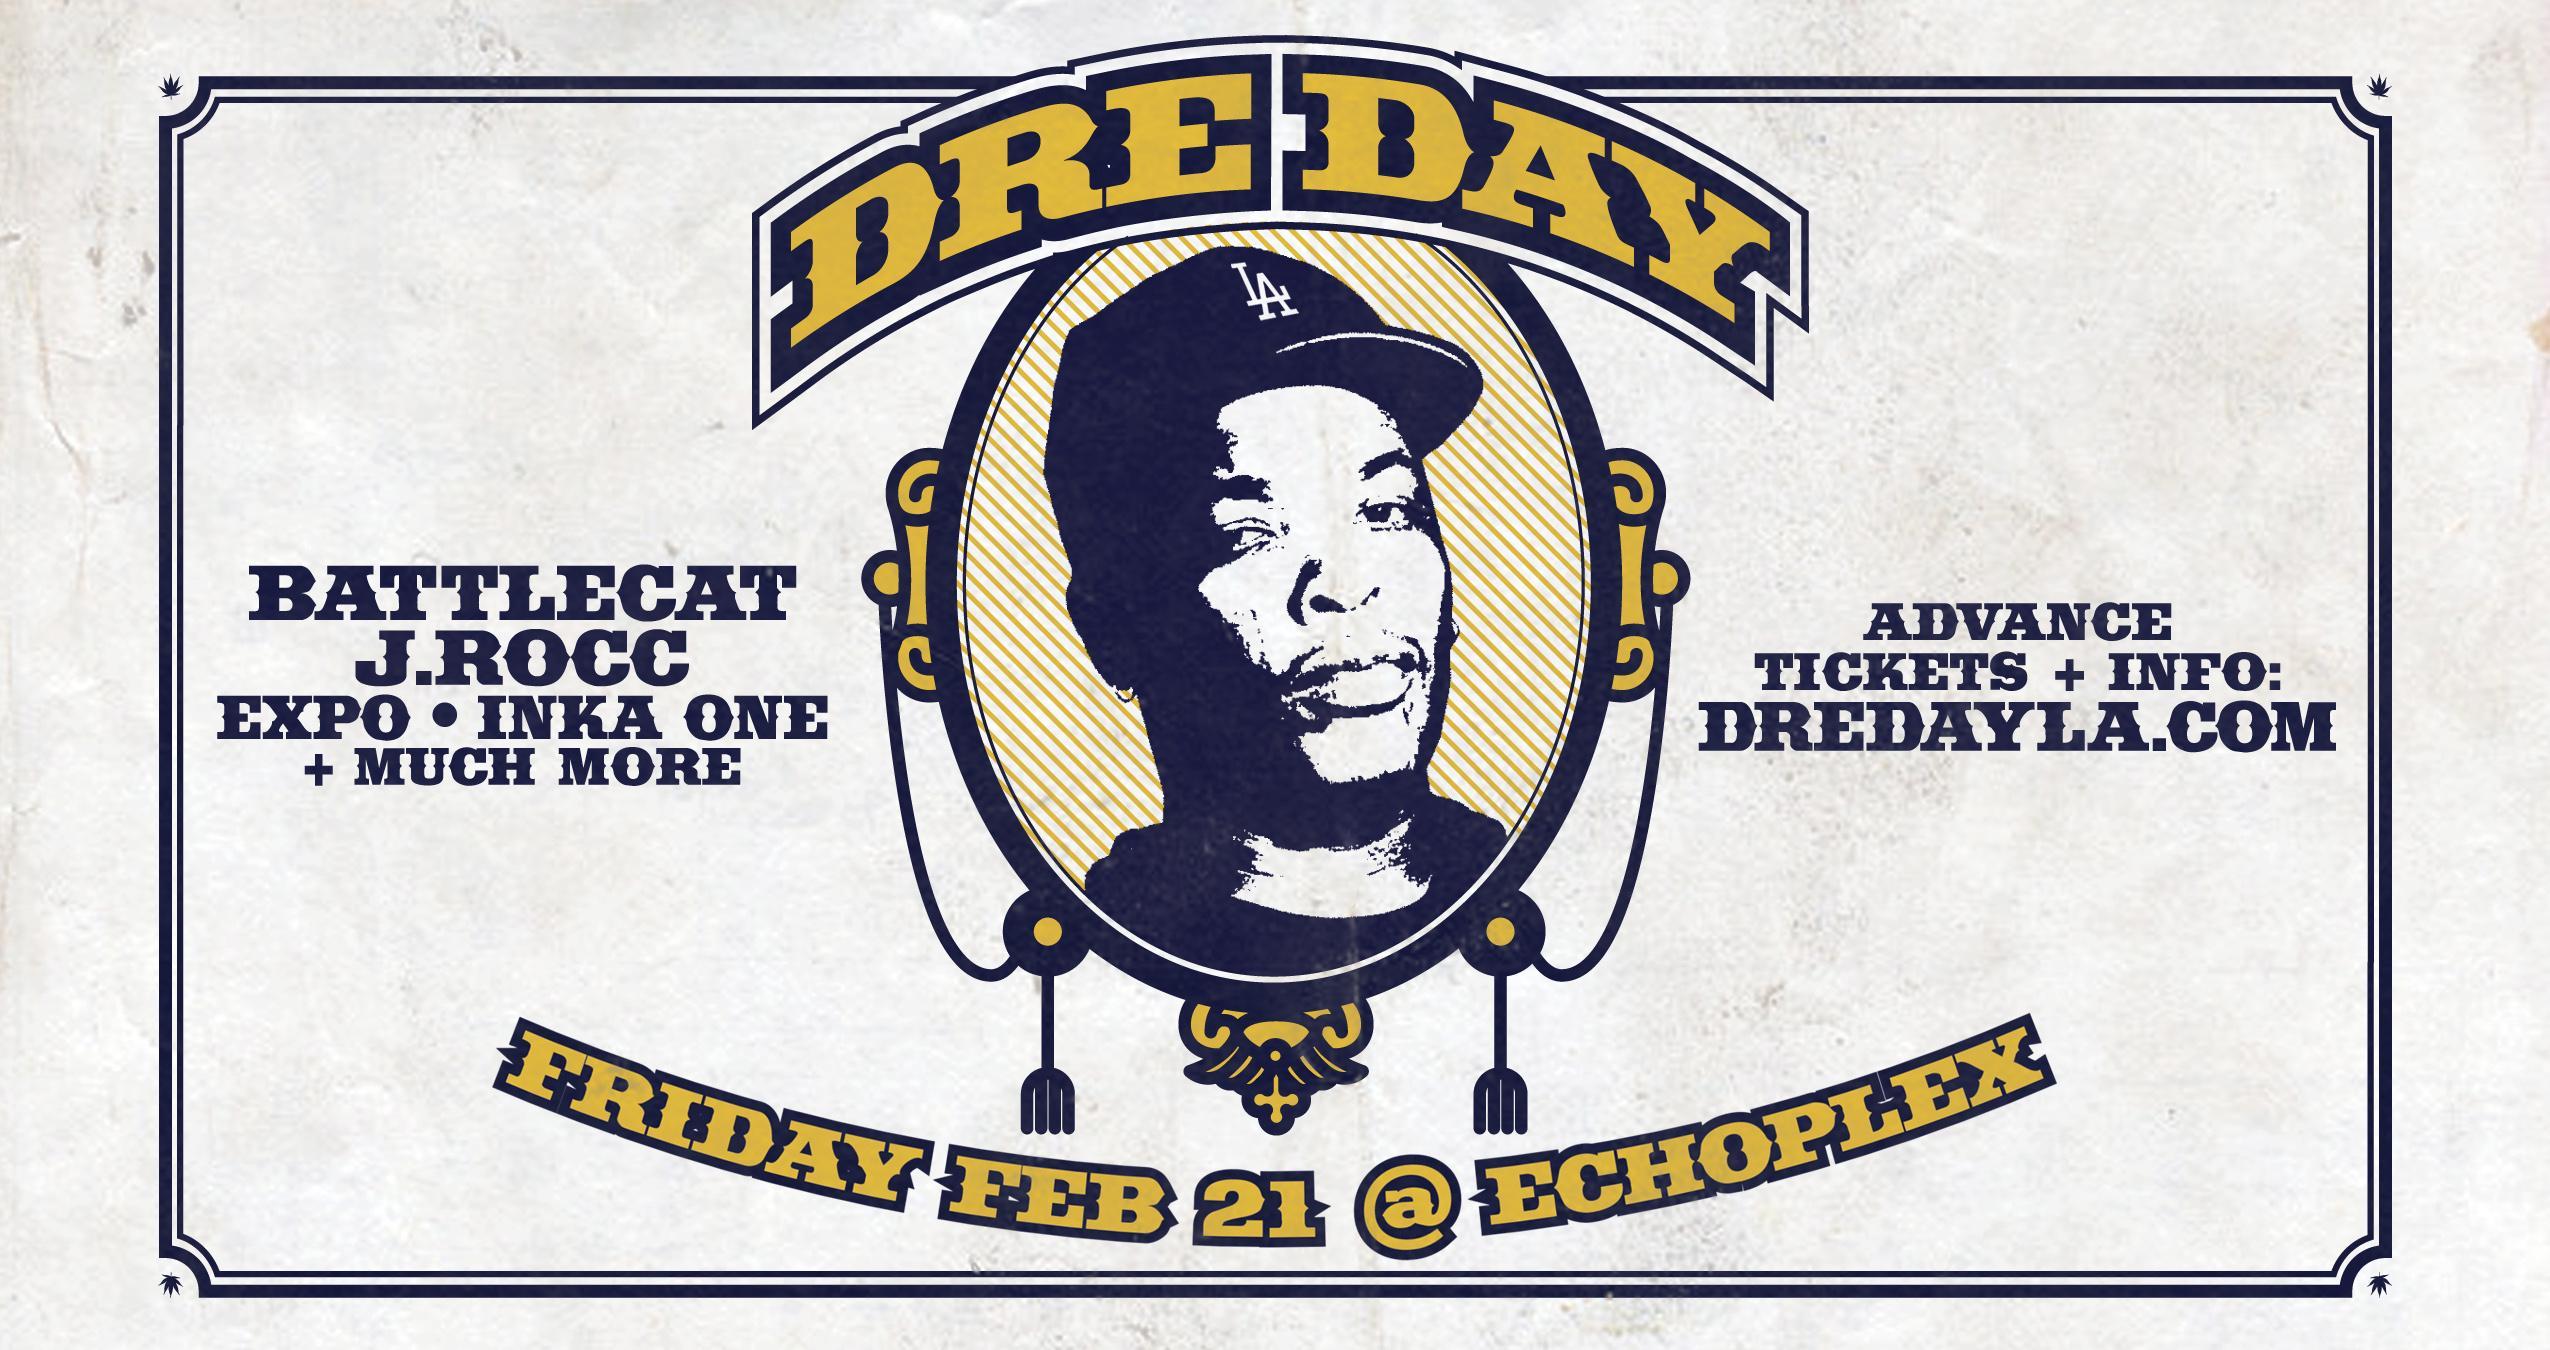 DRE DAY L.A. (2020)